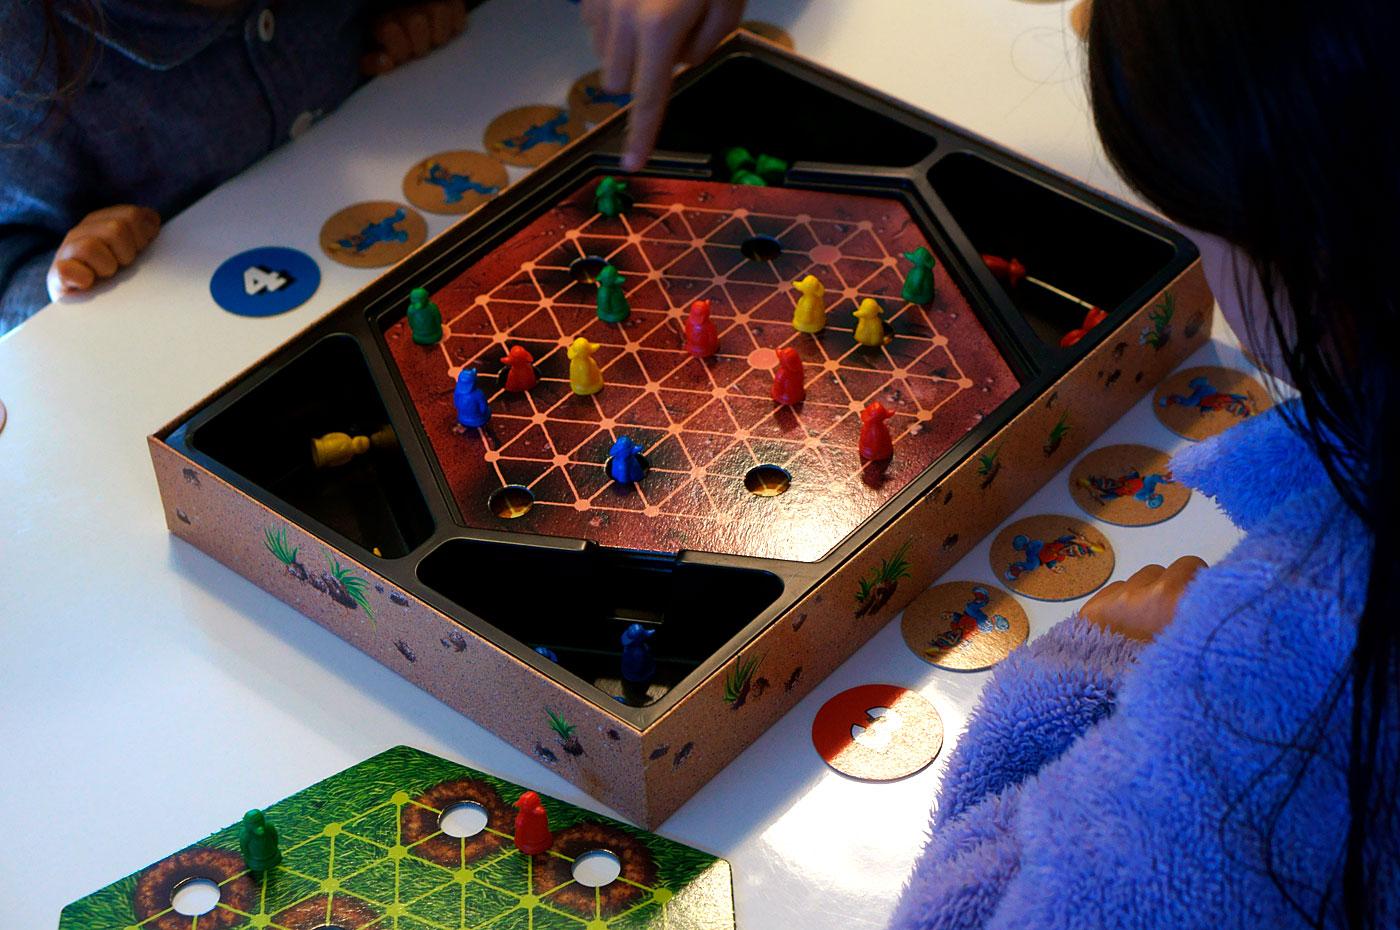 アナログゲーム会 穴掘りモグラ